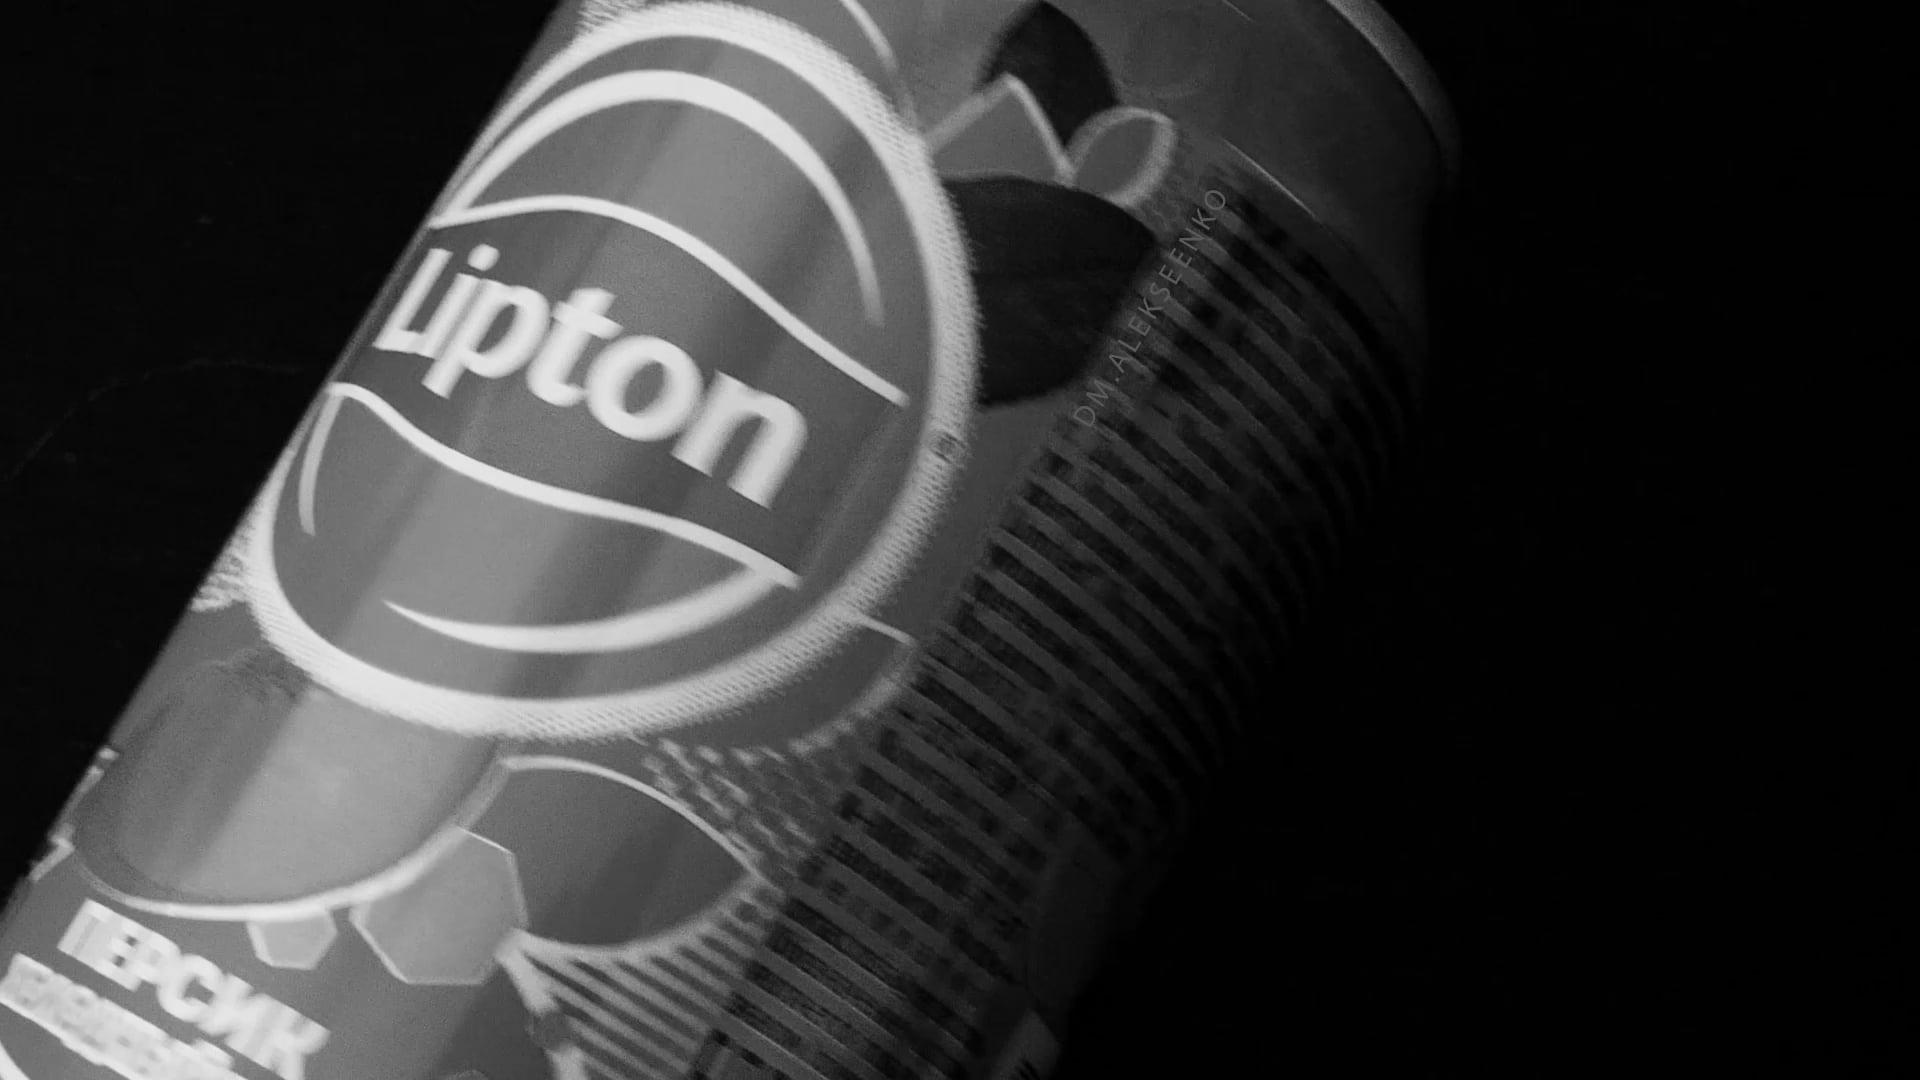 Lipton ice tea промо видео